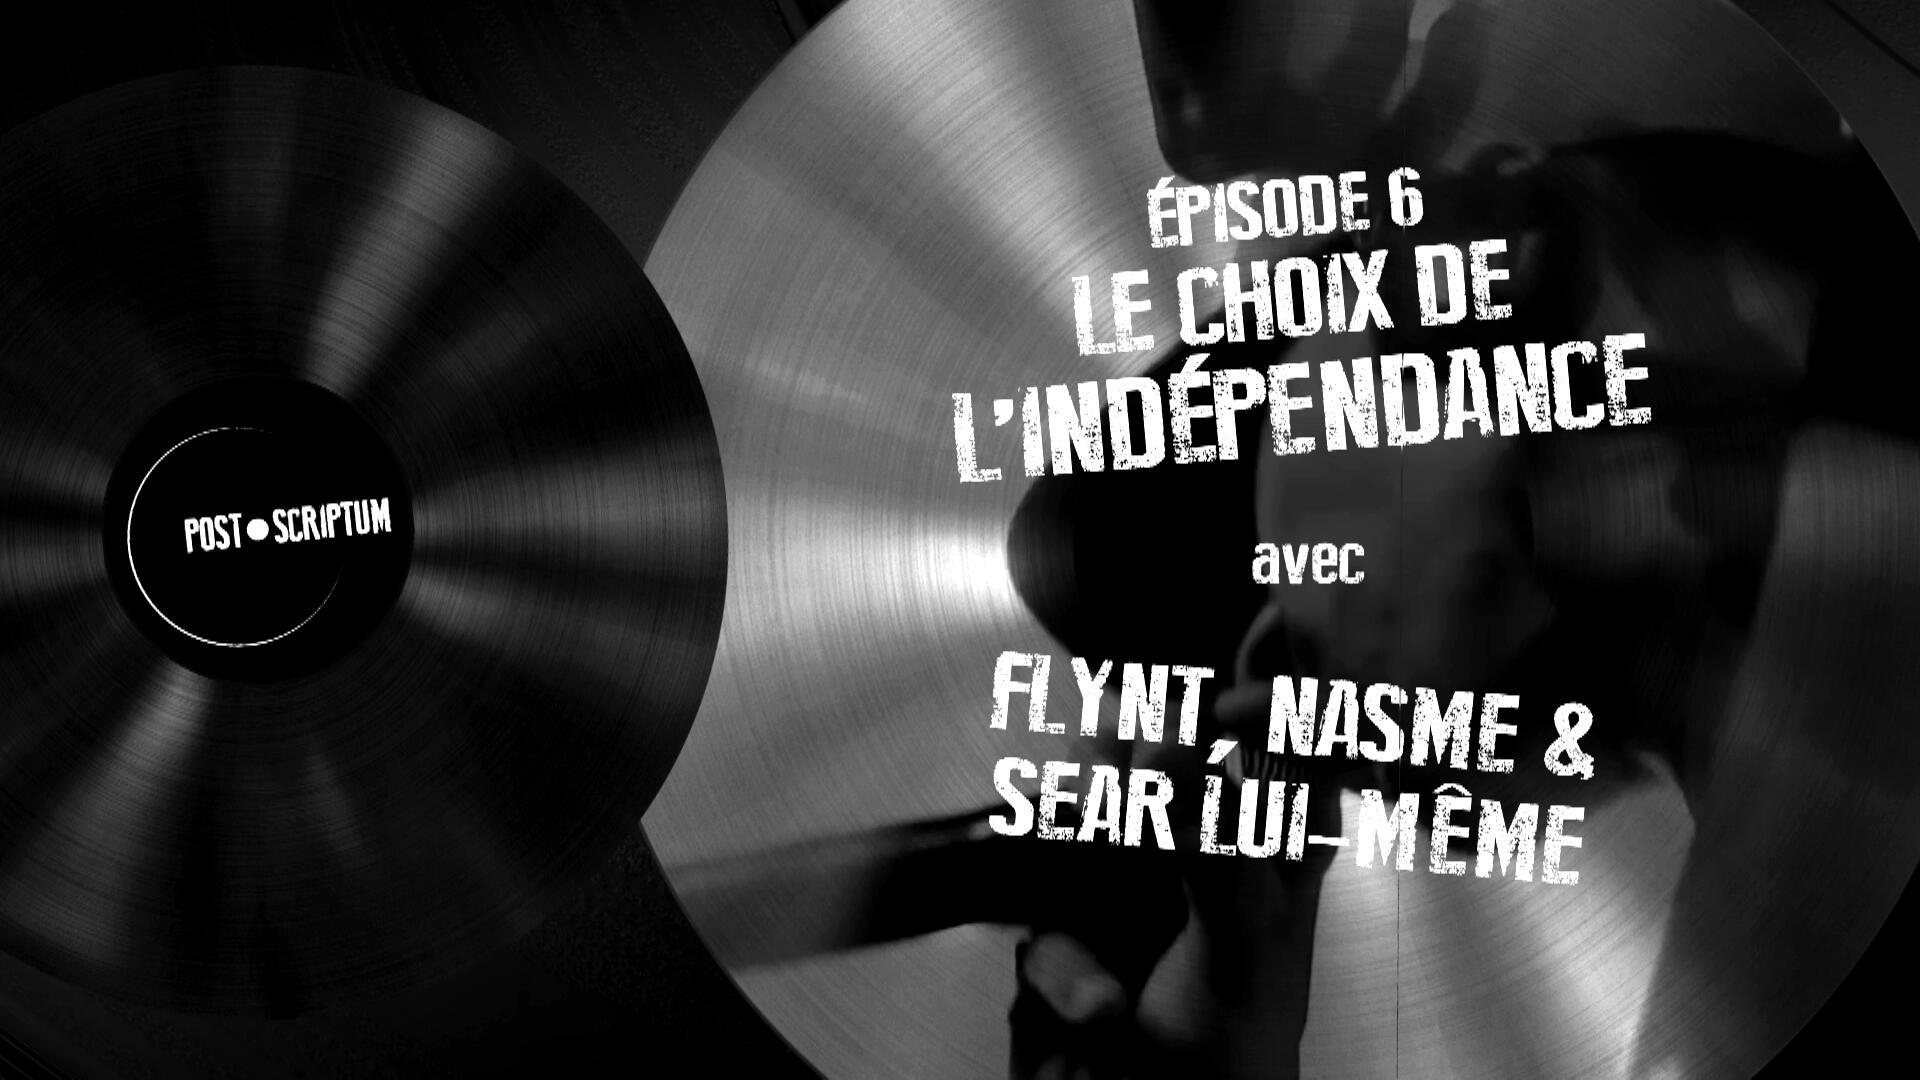 Post-scriptum / Episode 6: Le choix de l'indépendance – avec Flynt, Nasme & Sëar Lui-Même